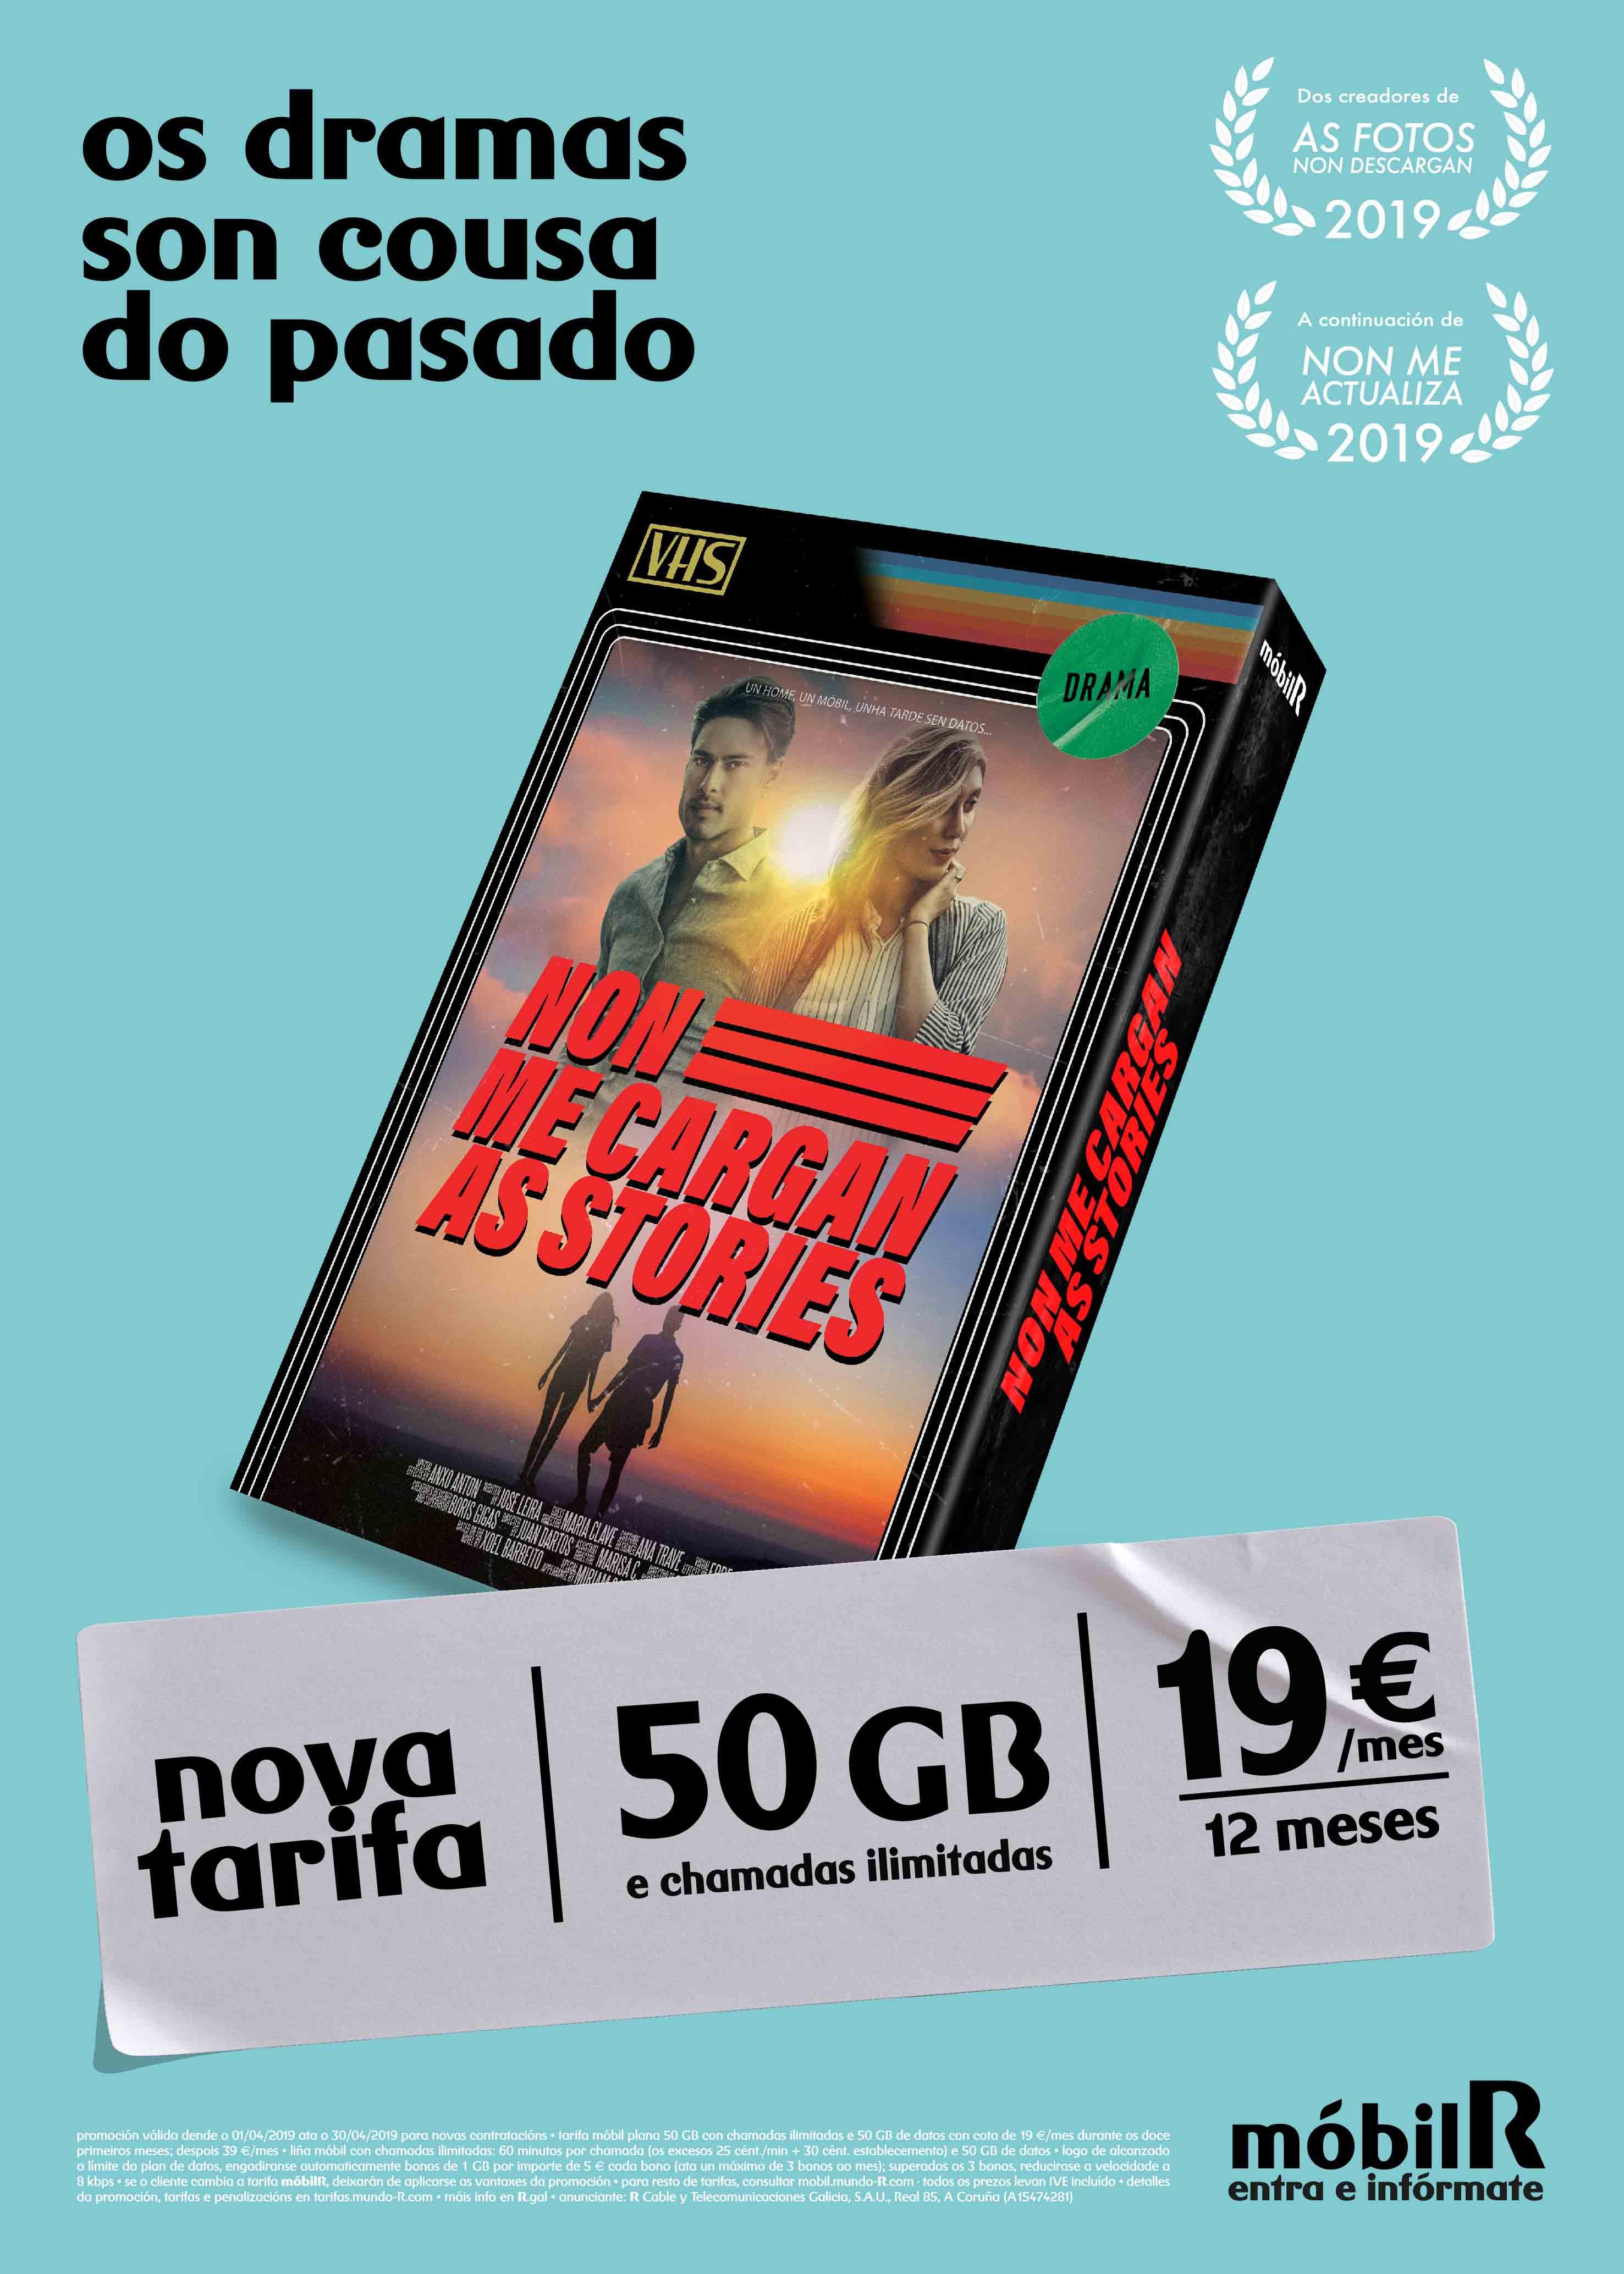 bapconde_dramas_r